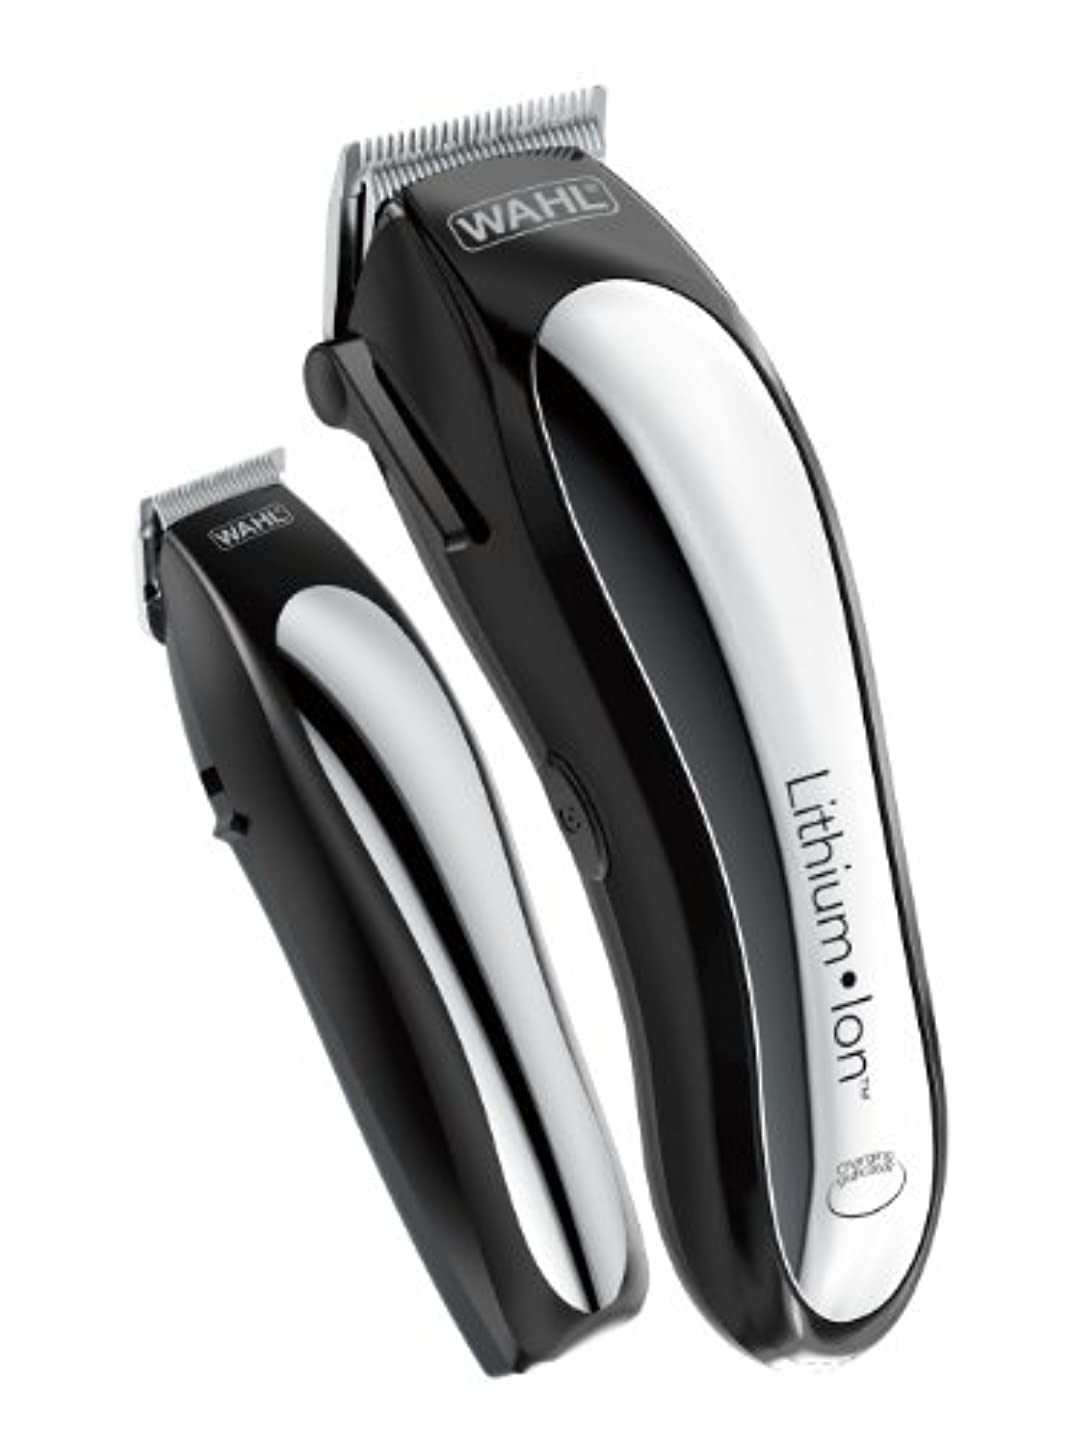 一時的ポイントデザートWahl Clipper Lithium Ion Cordless Rechargeable Hair Clippers and Trimmers for men,Hair Cutting Kit with 10 Guide...